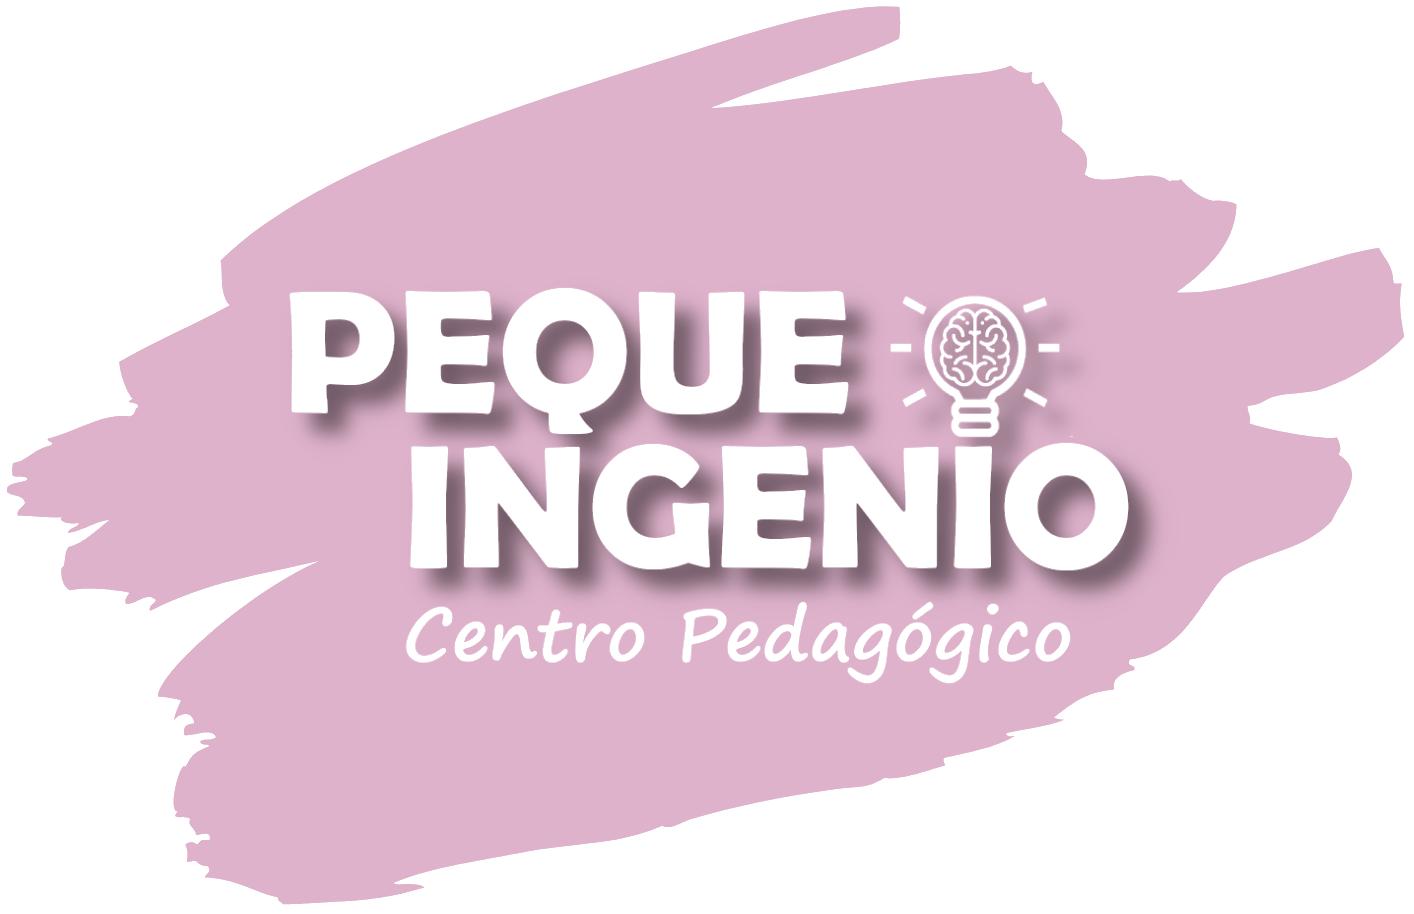 Peque Ingenio